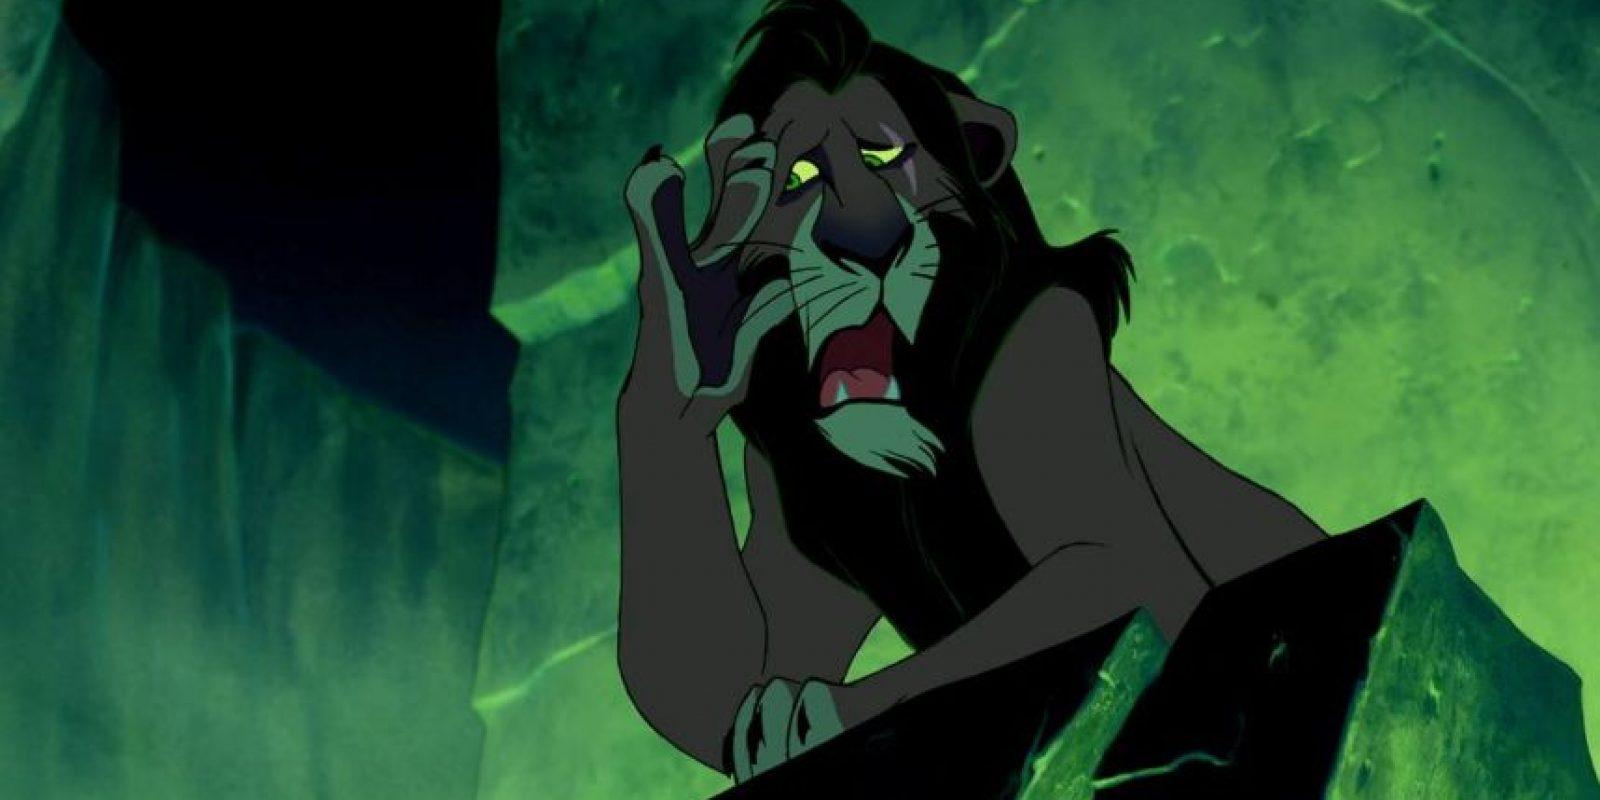 """8.- Scar tuvo tres hijos: """"Kovu"""", """"Nuka"""" y """"Vitani"""", sin embargo los productores decidieron que """"Kovu"""" fuera una especie de hijo adoptivo para poder relacionarlo con """"Kiara"""" (hija de Simba) Foto:Vía Facebook.com/DisneyTheLionKing"""